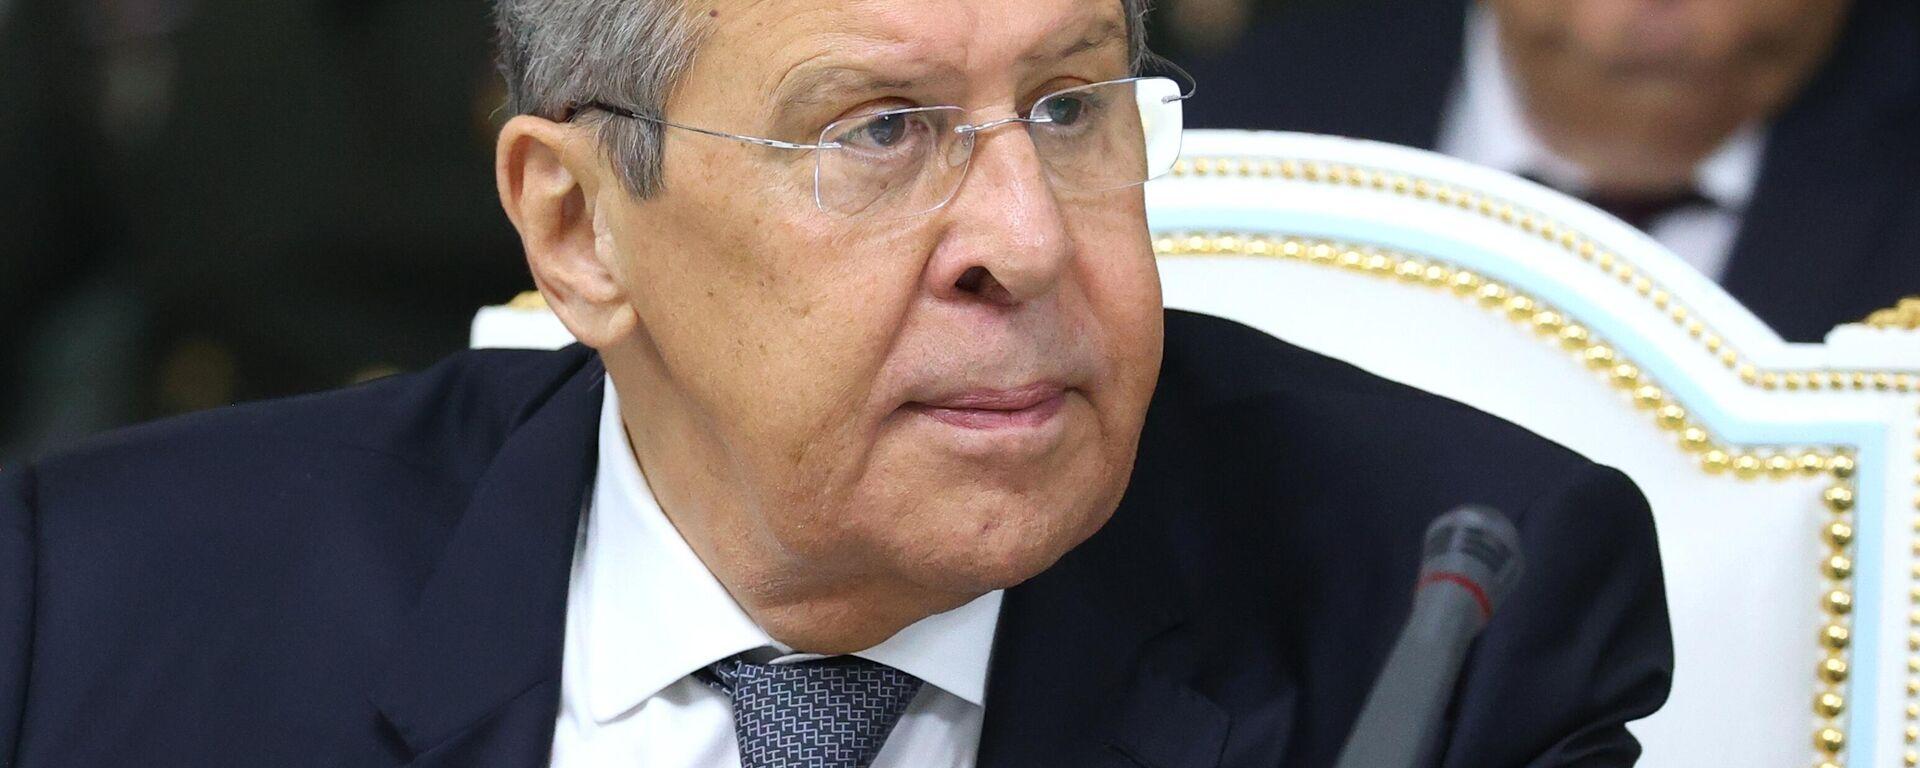 Министр иностранных дел РФ Сергей Лавров  - Sputnik Таджикистан, 1920, 15.09.2021